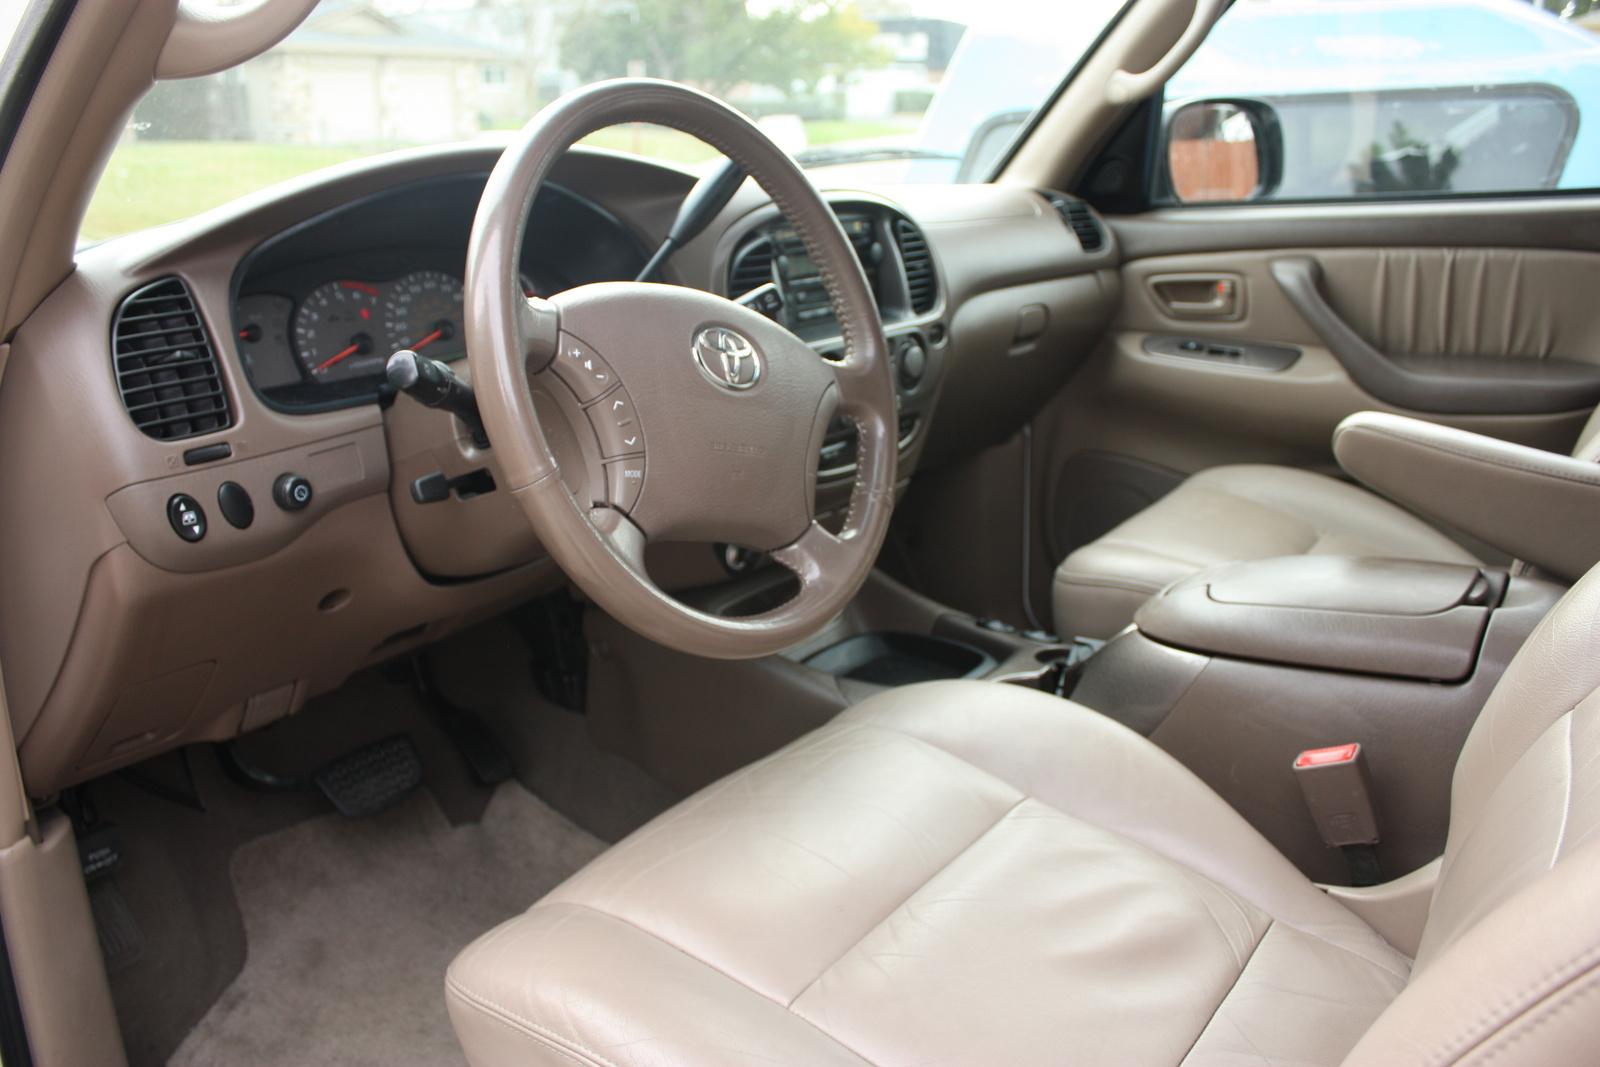 2003 toyota sequoia interior pictures cargurus - Toyota sequoia interior dimensions ...